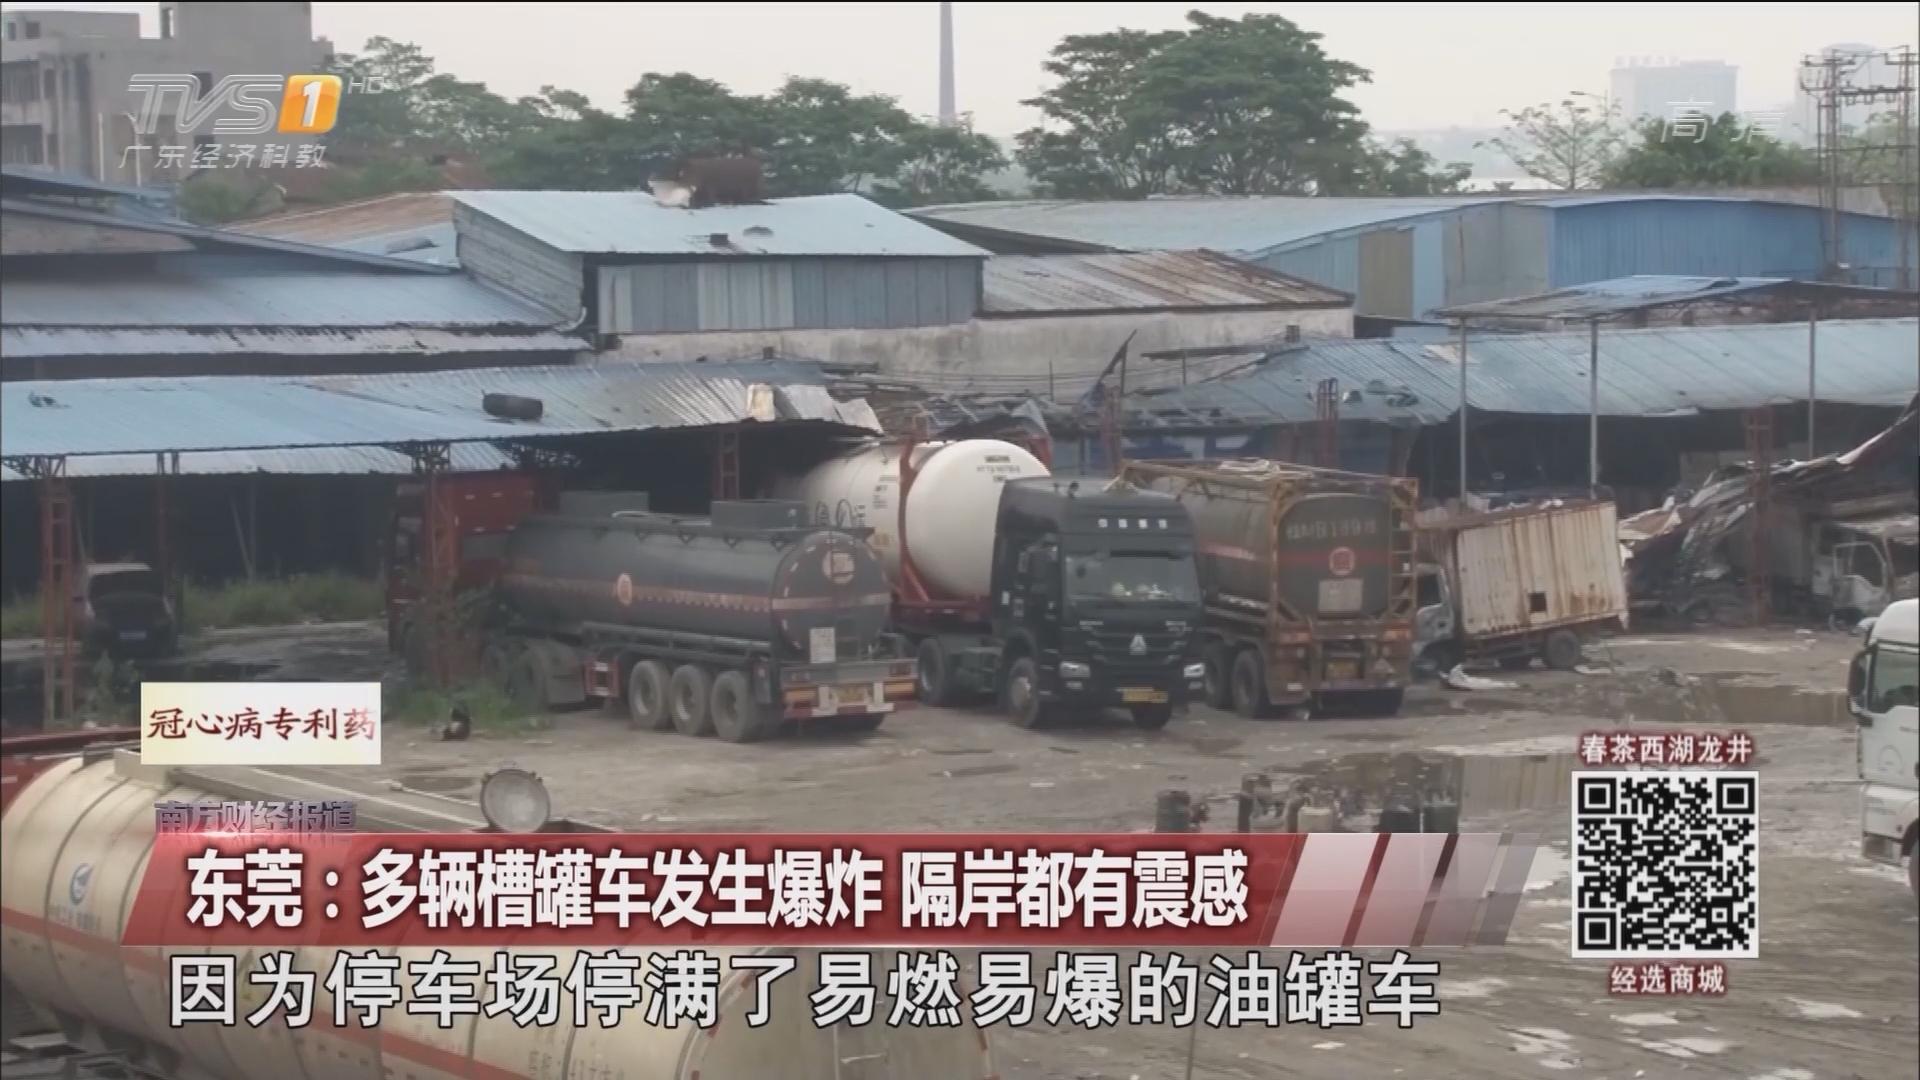 东莞:多辆槽罐车发生爆炸 隔岸都有震感